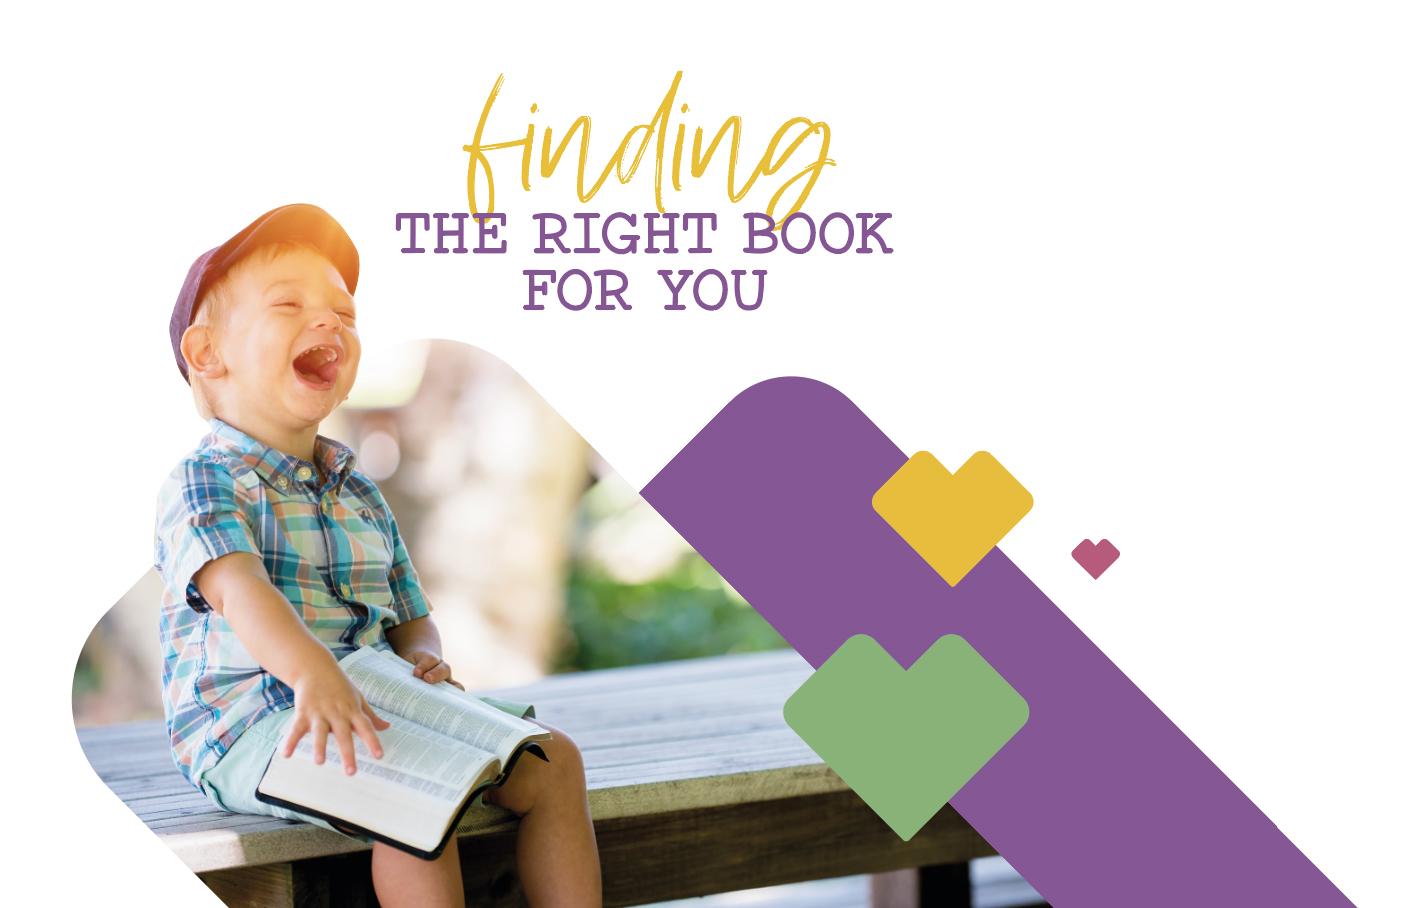 grafica 1to1books con bambino sorridente con un libro